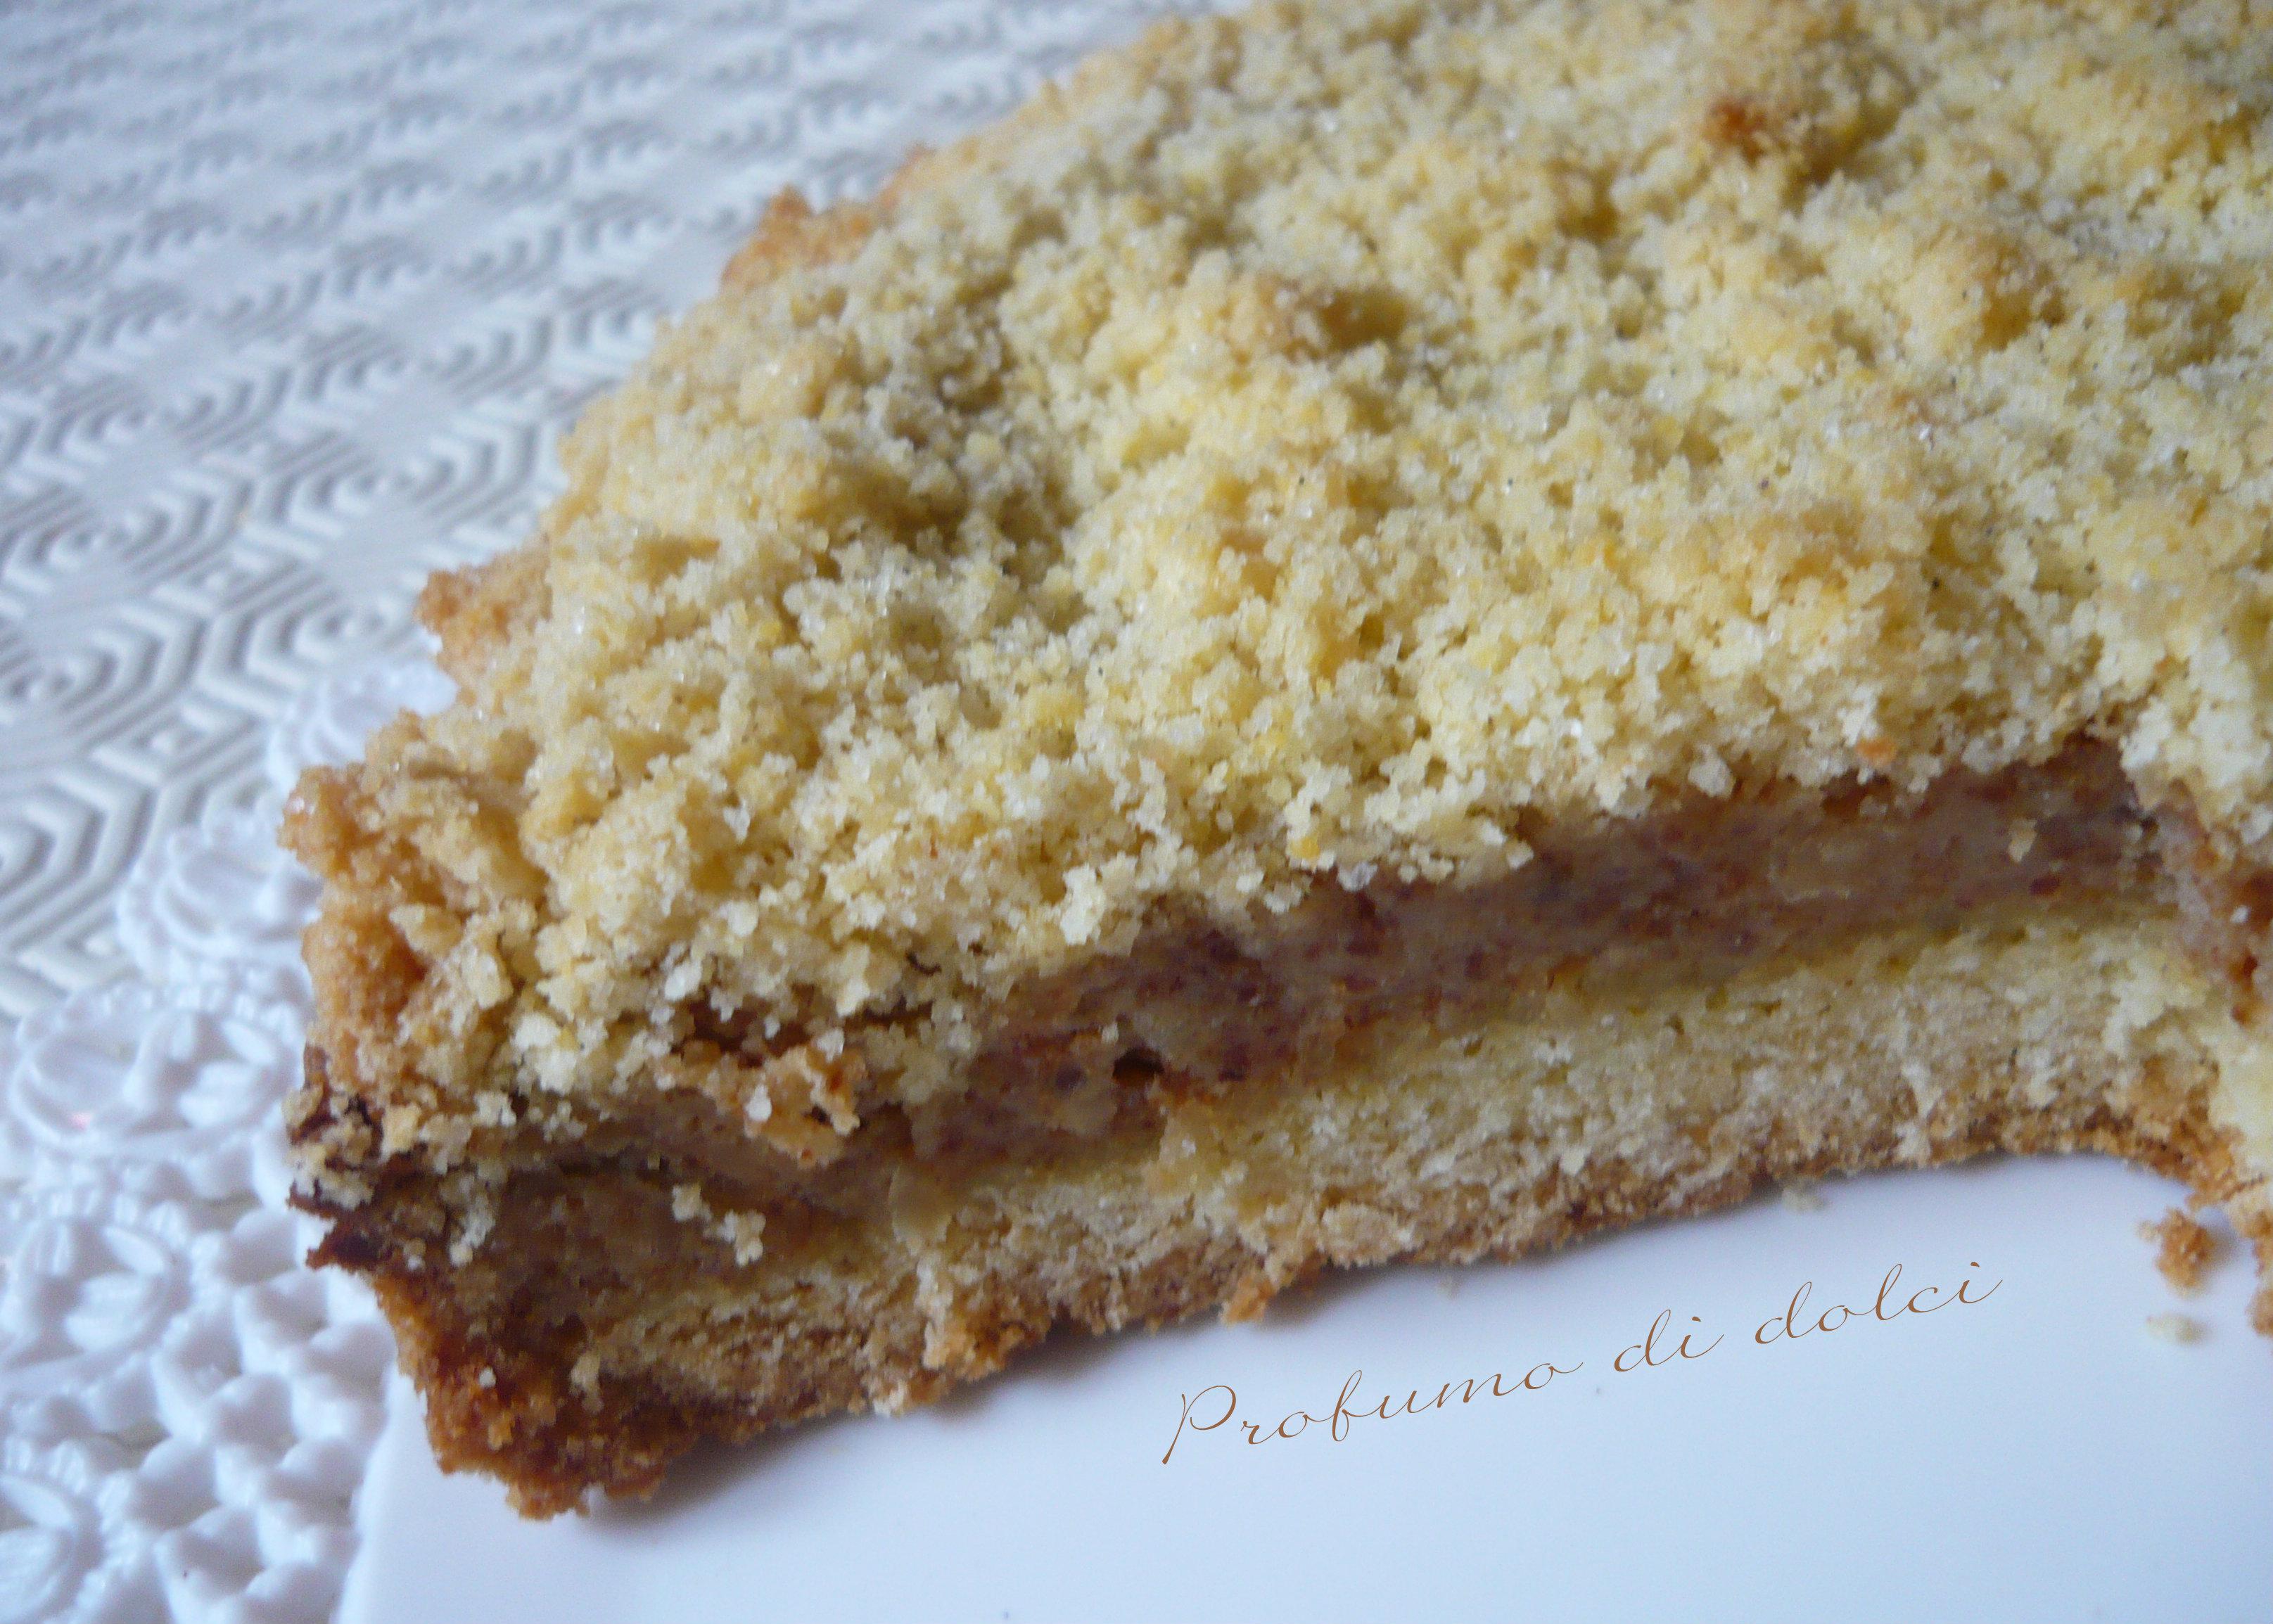 ricotta pudding homemade ricotta ricotta cheesecake ricotta cake ...